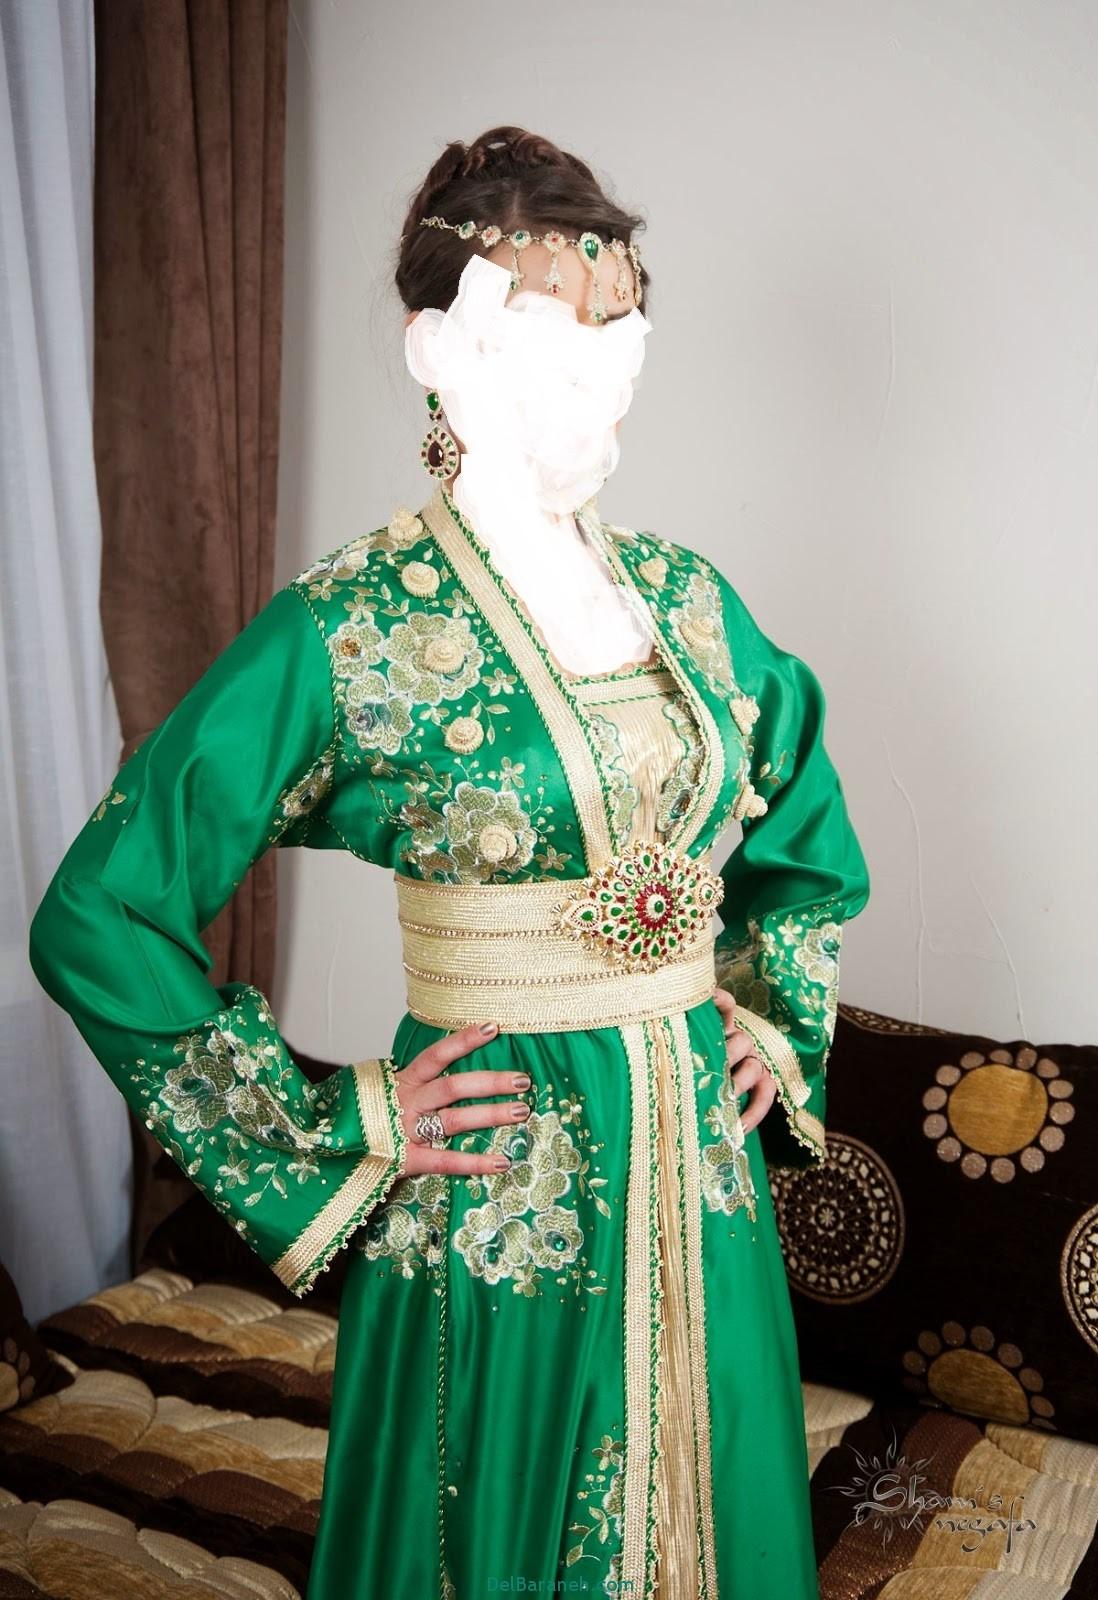 مدل لباس مجلسی زنانه مغربی (18)